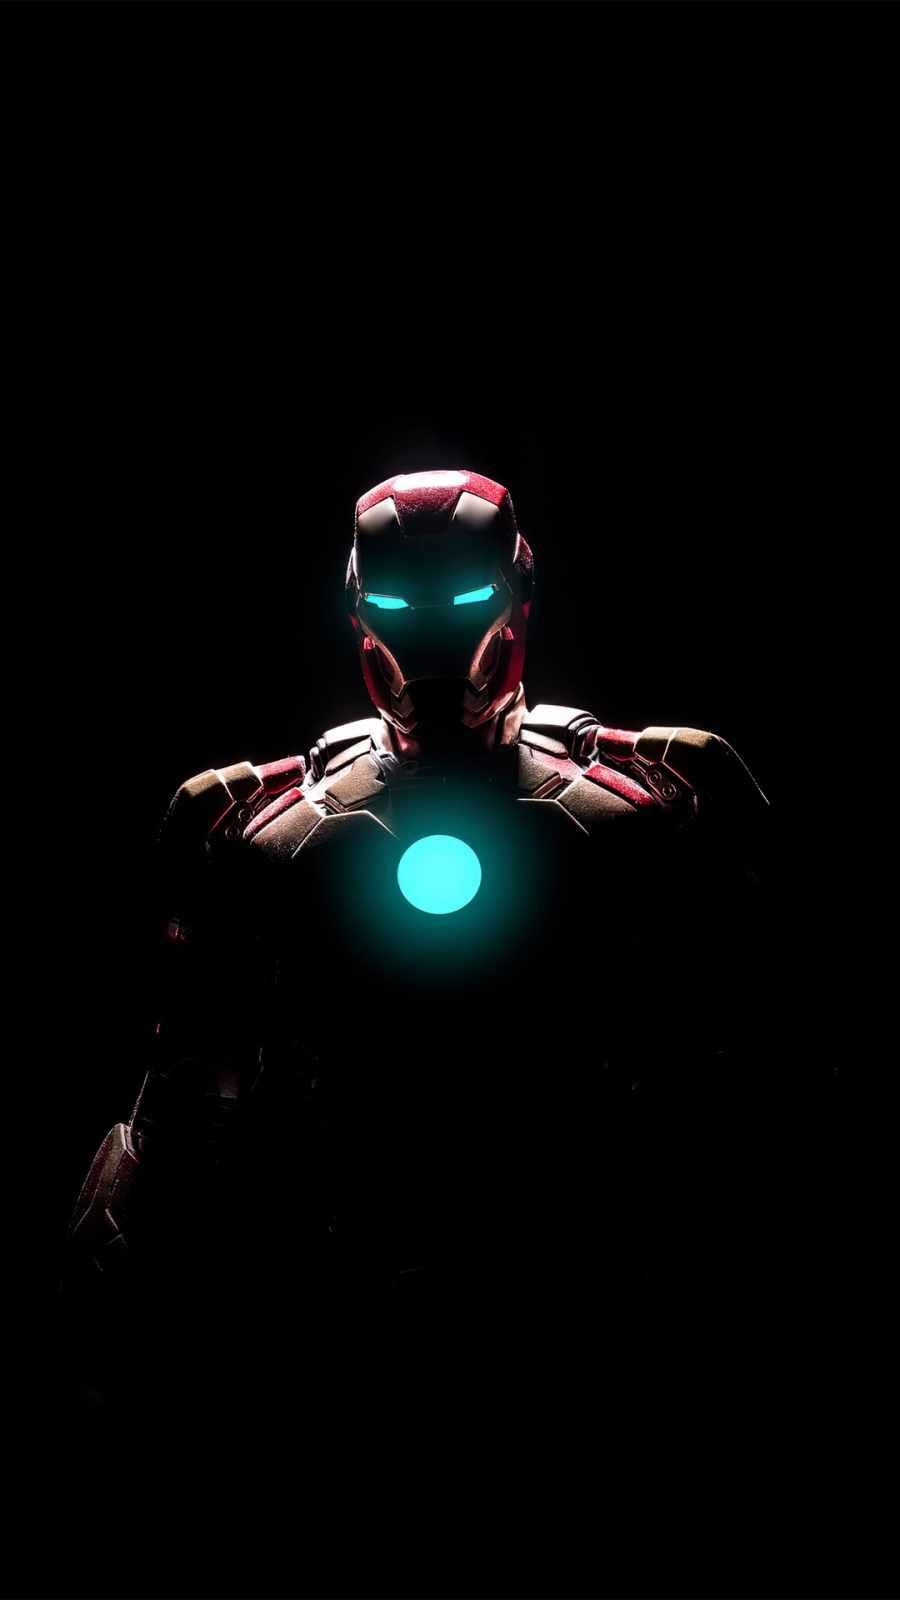 iron man arc reactor glowing